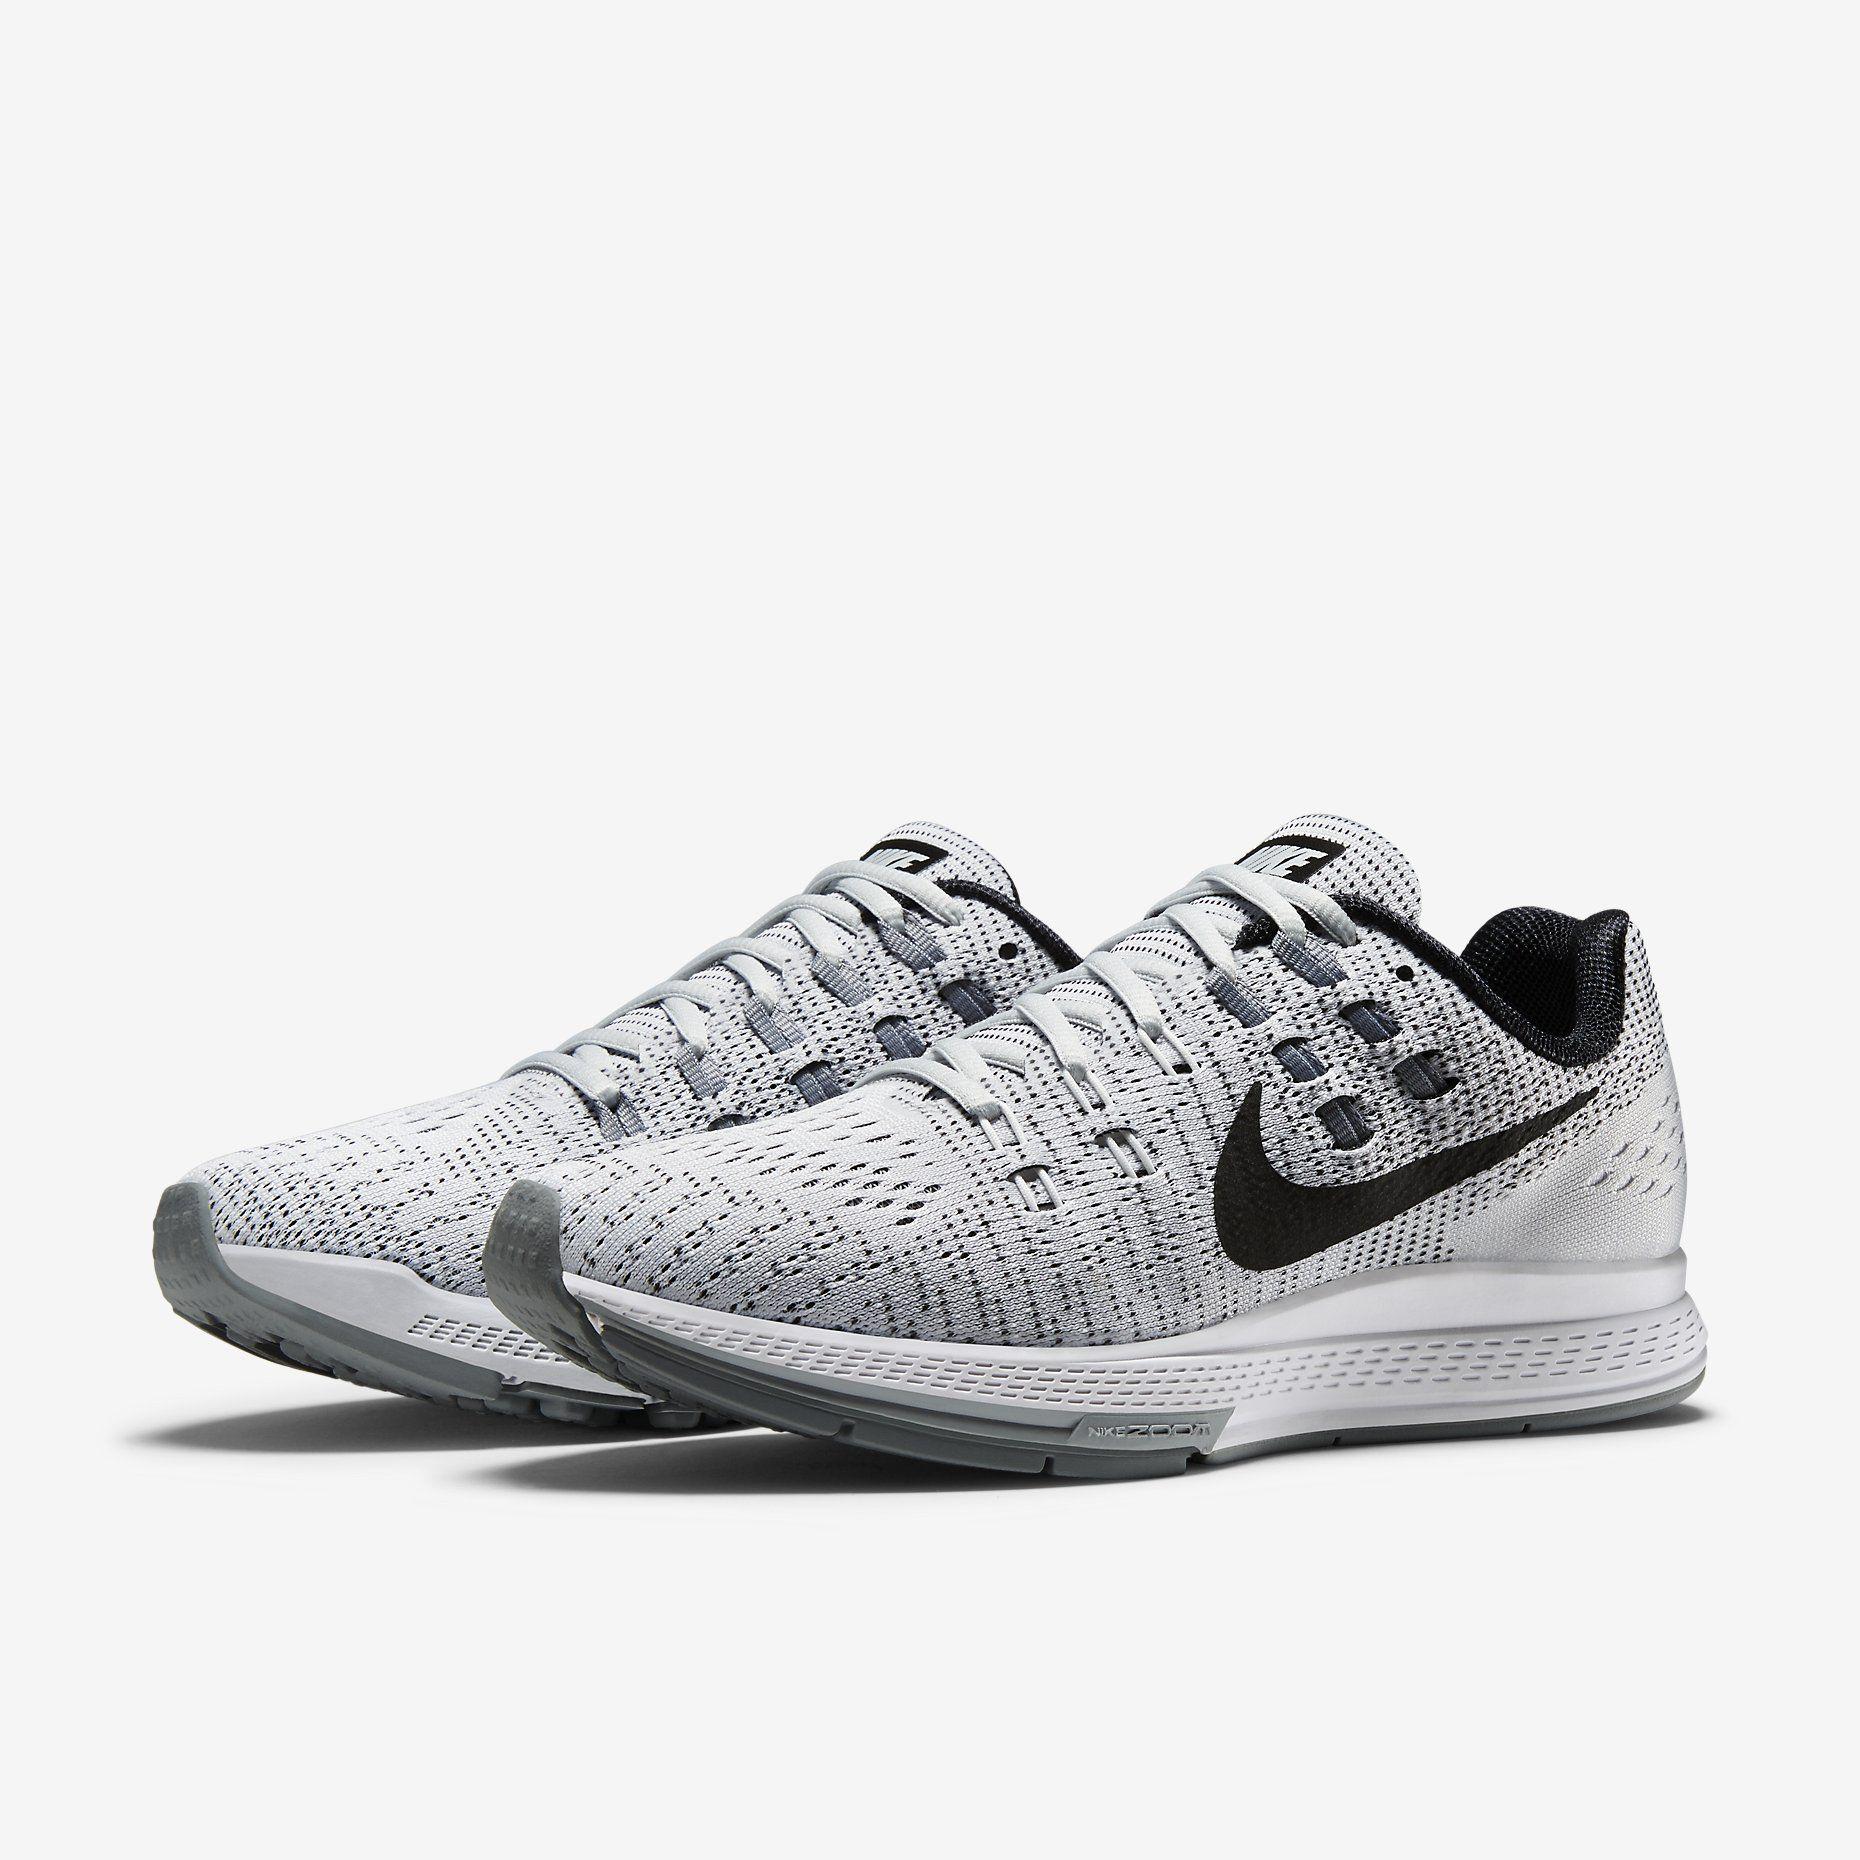 huge discount 69b86 cc4e4 Nike Air Zoom Structure 19 Women s Running Shoe. Nike.com